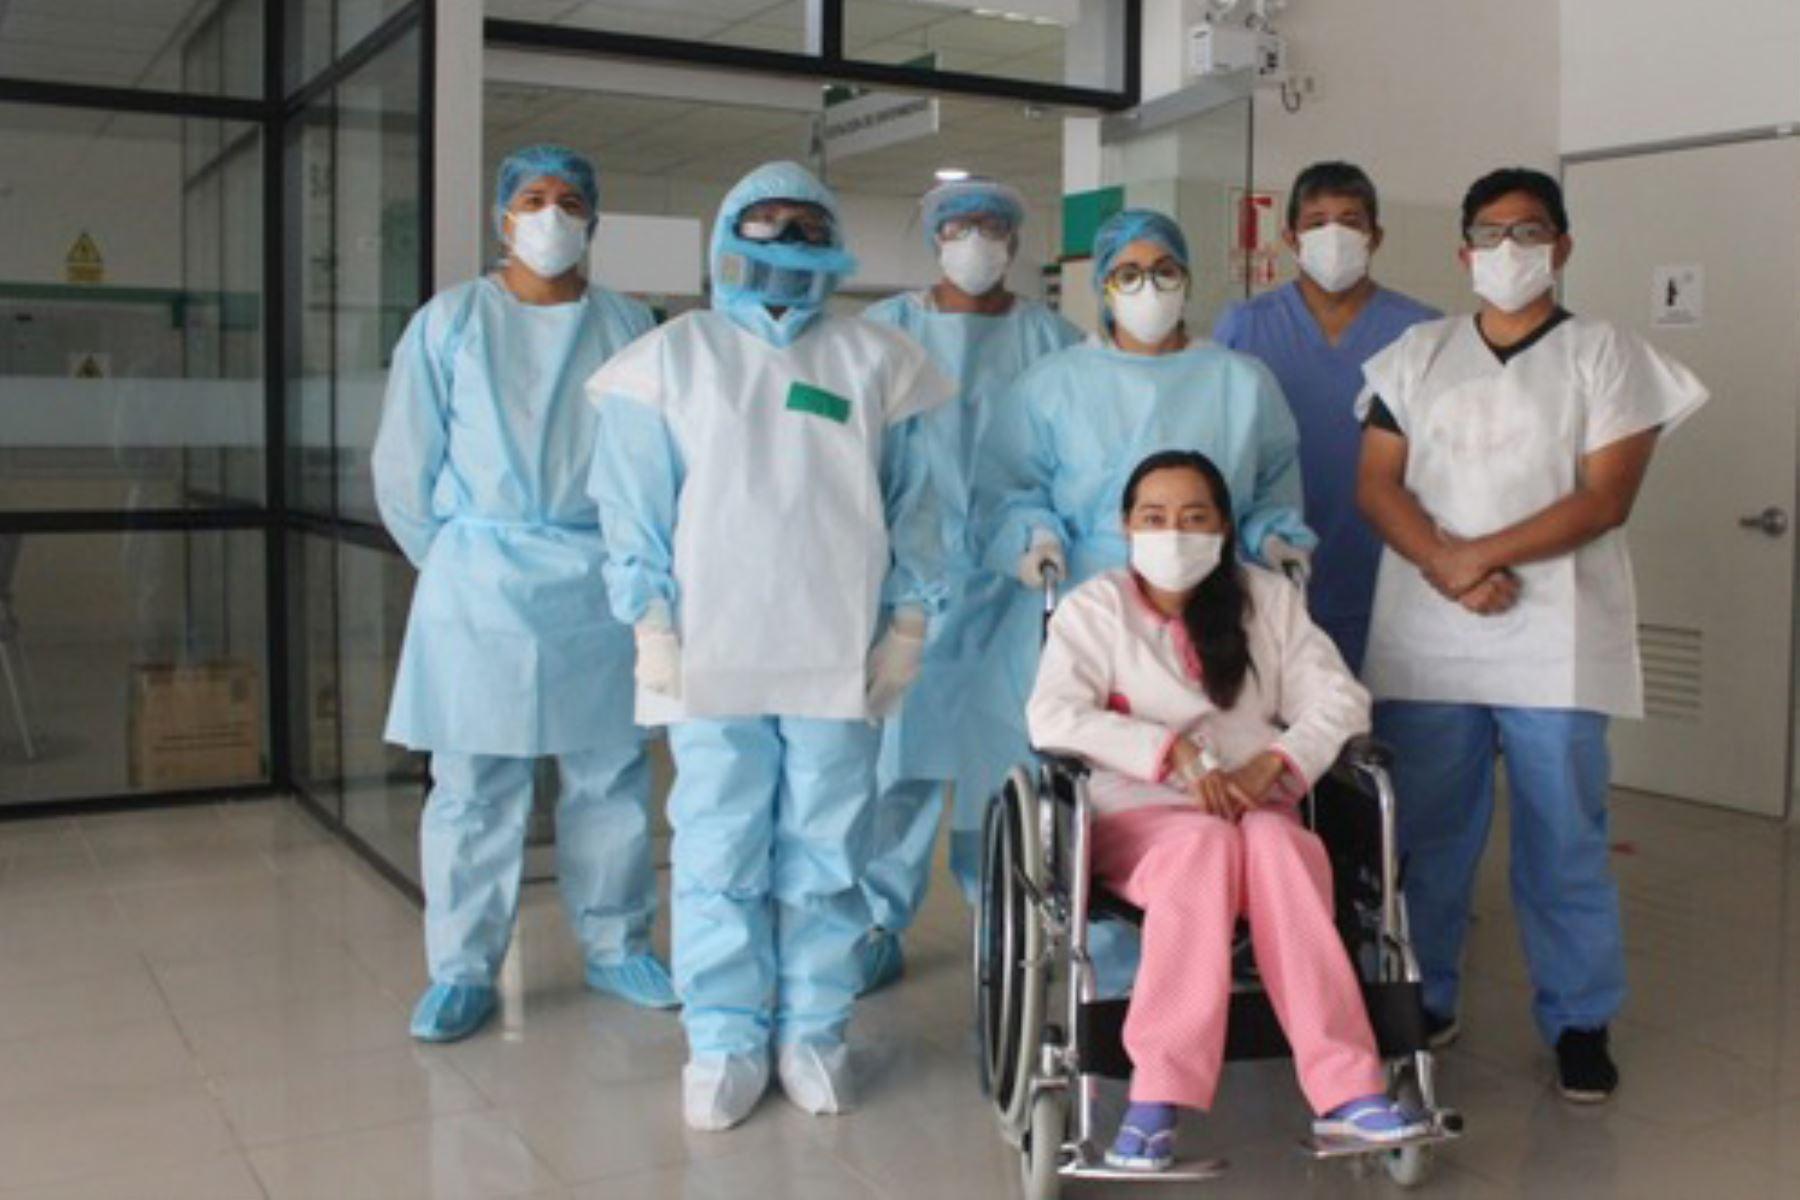 El Minsa informó que 329,404 personas cumplieron su periodo de aislamiento domiciliario o fueron dadas de alta de un establecimiento de salud. Foto: ANDINA/Difusión